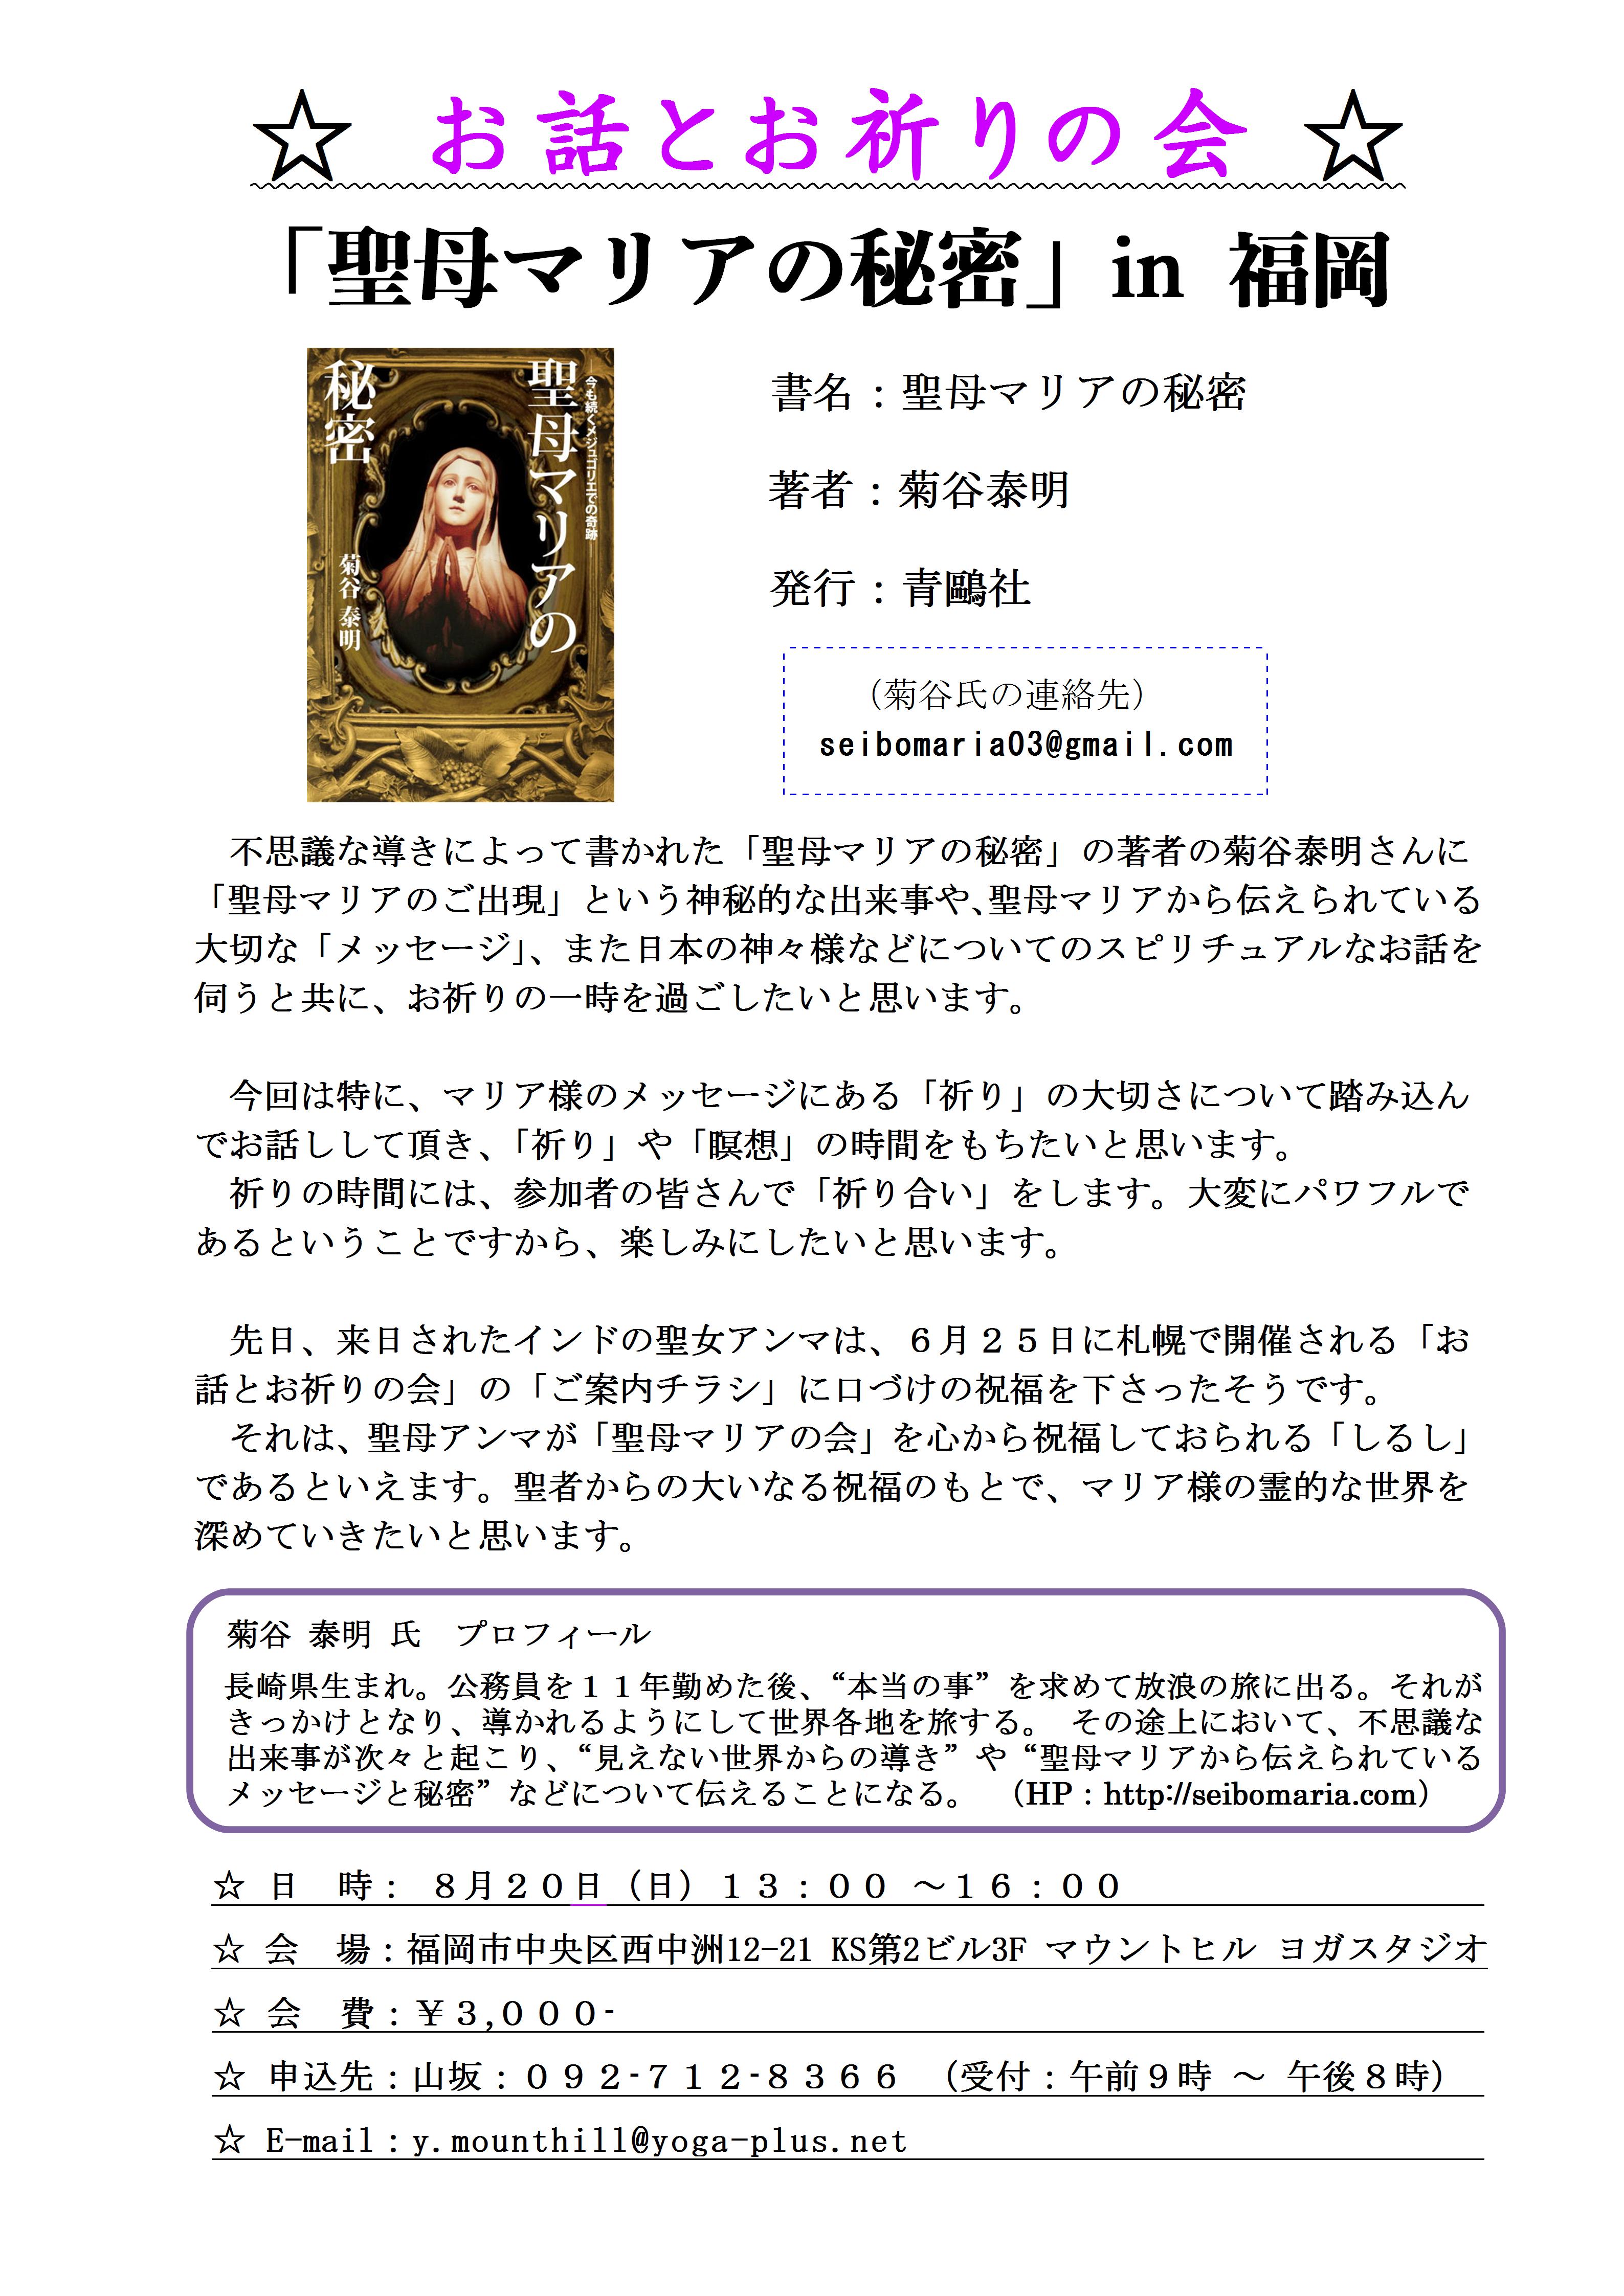 「お話とお祈りの会」 in 福岡 Ⅱ 1.png